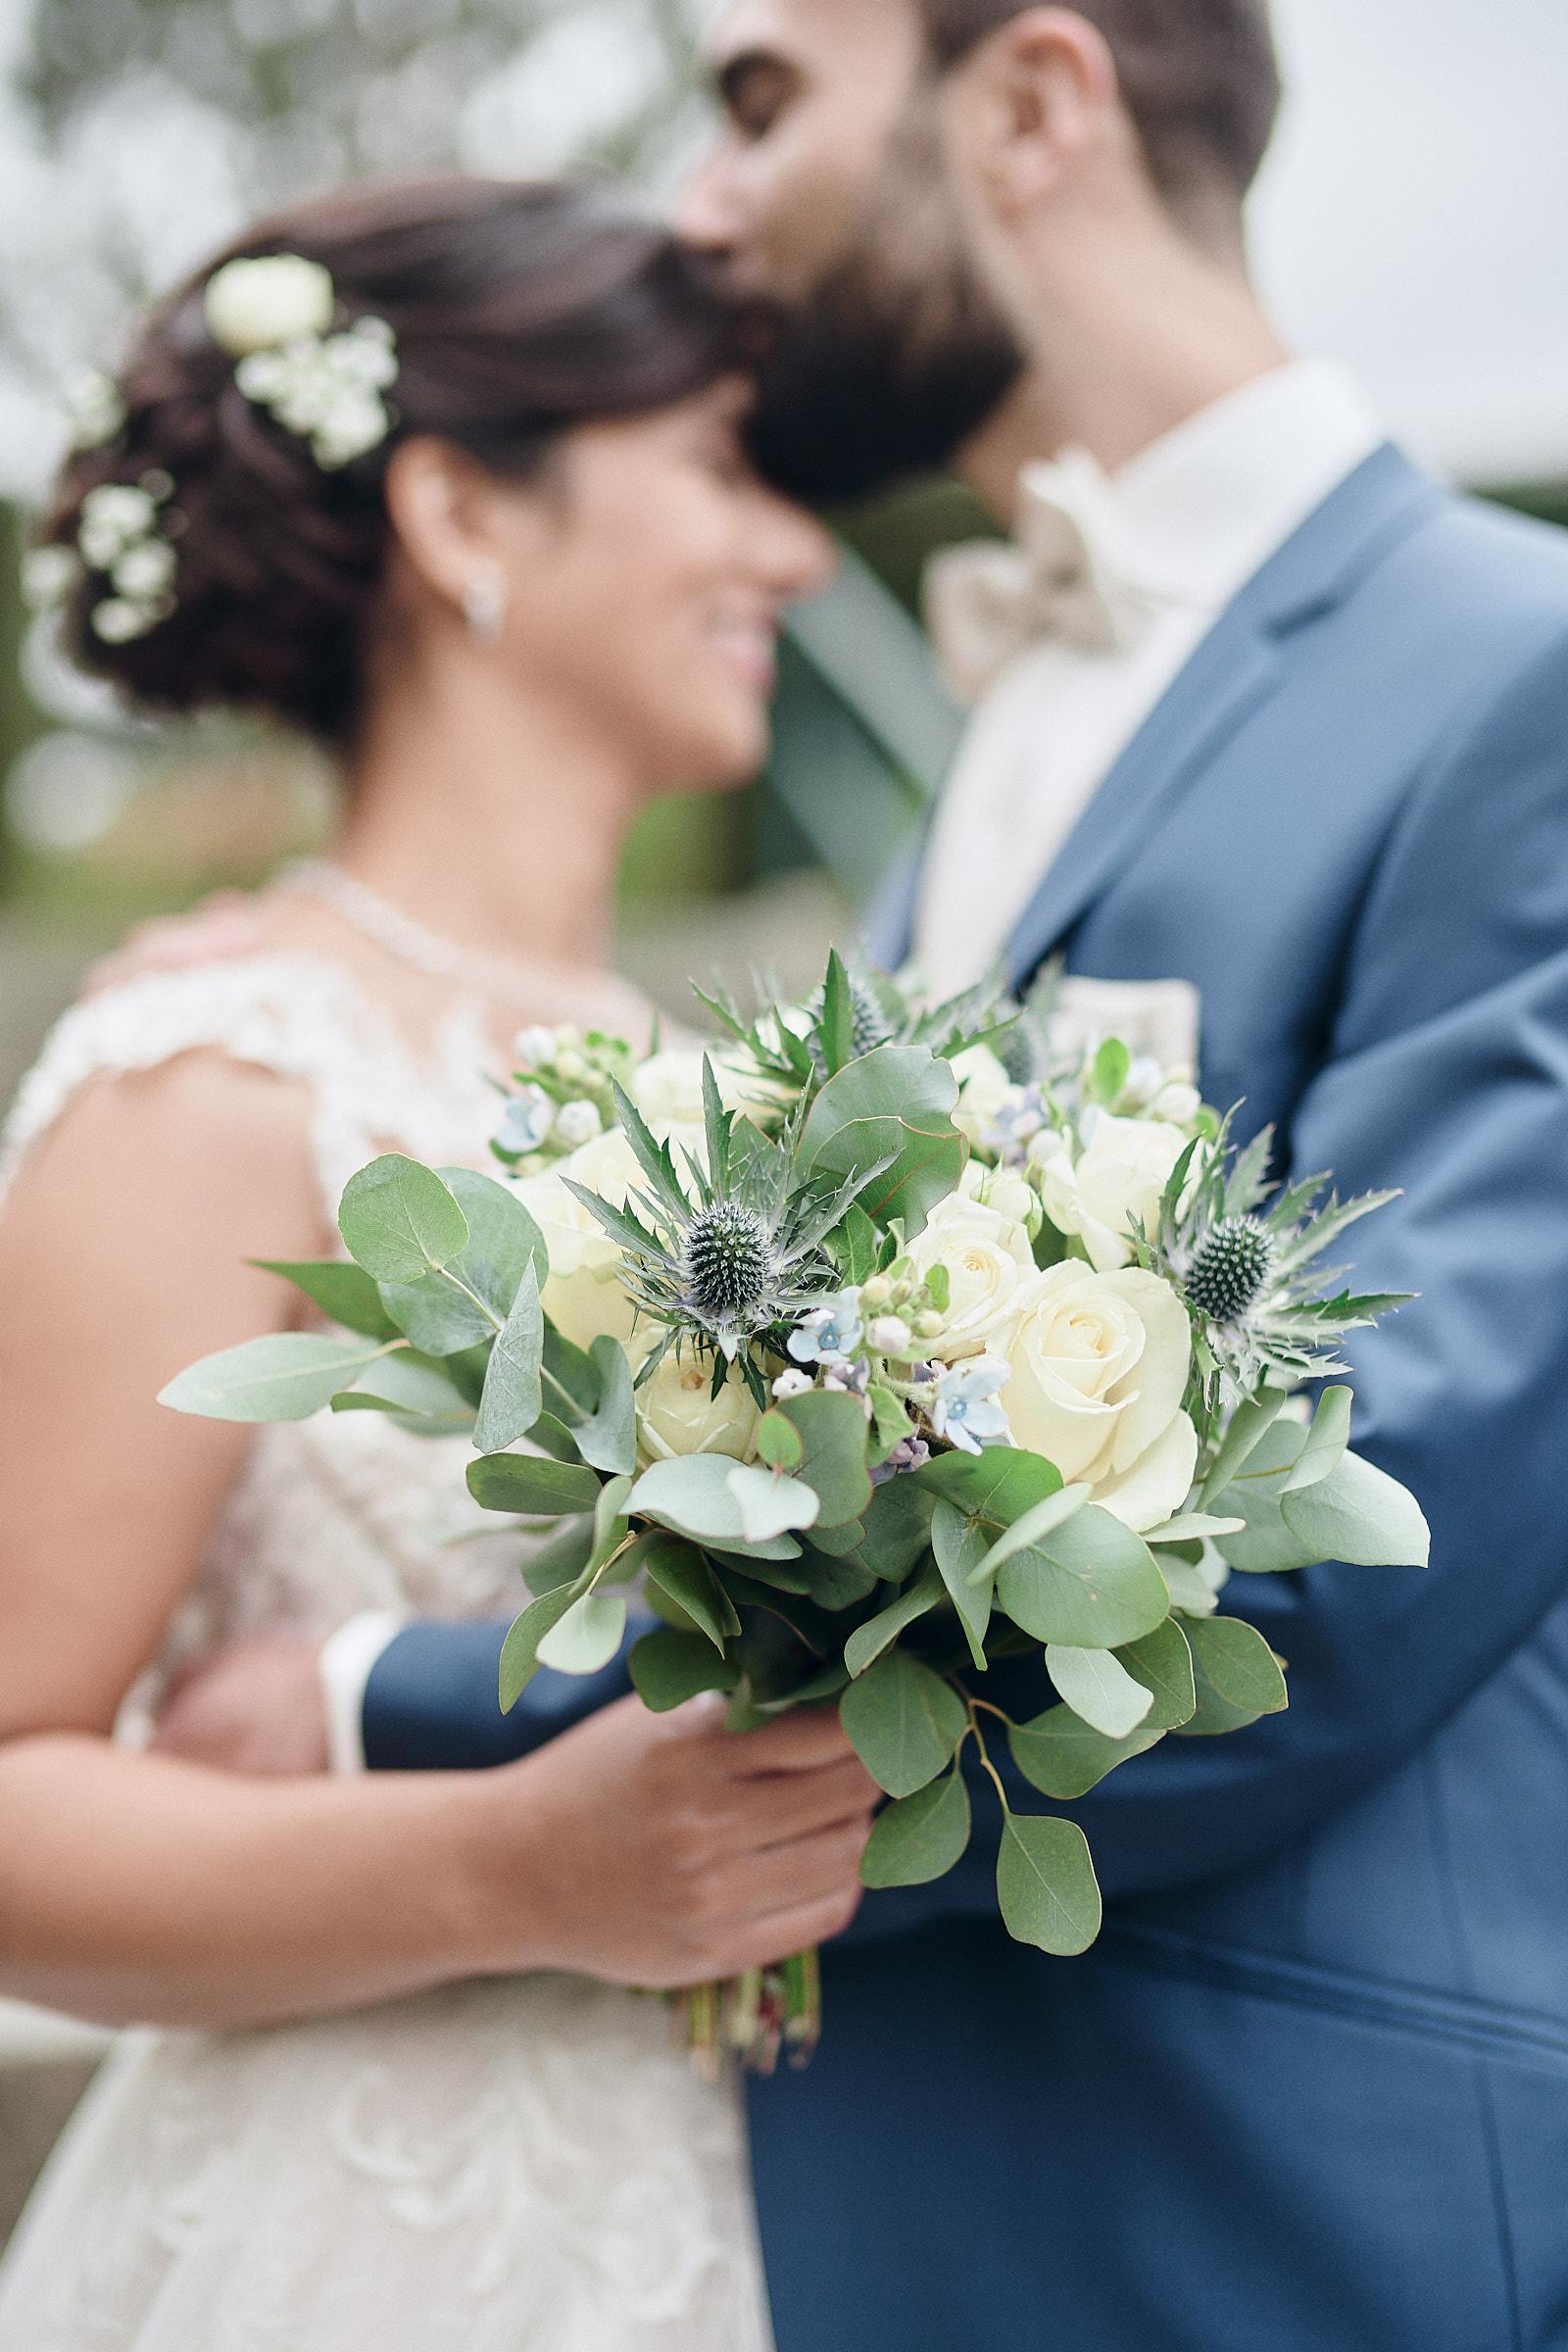 détail sur le bouquet pendant que les mariés s'embrassent